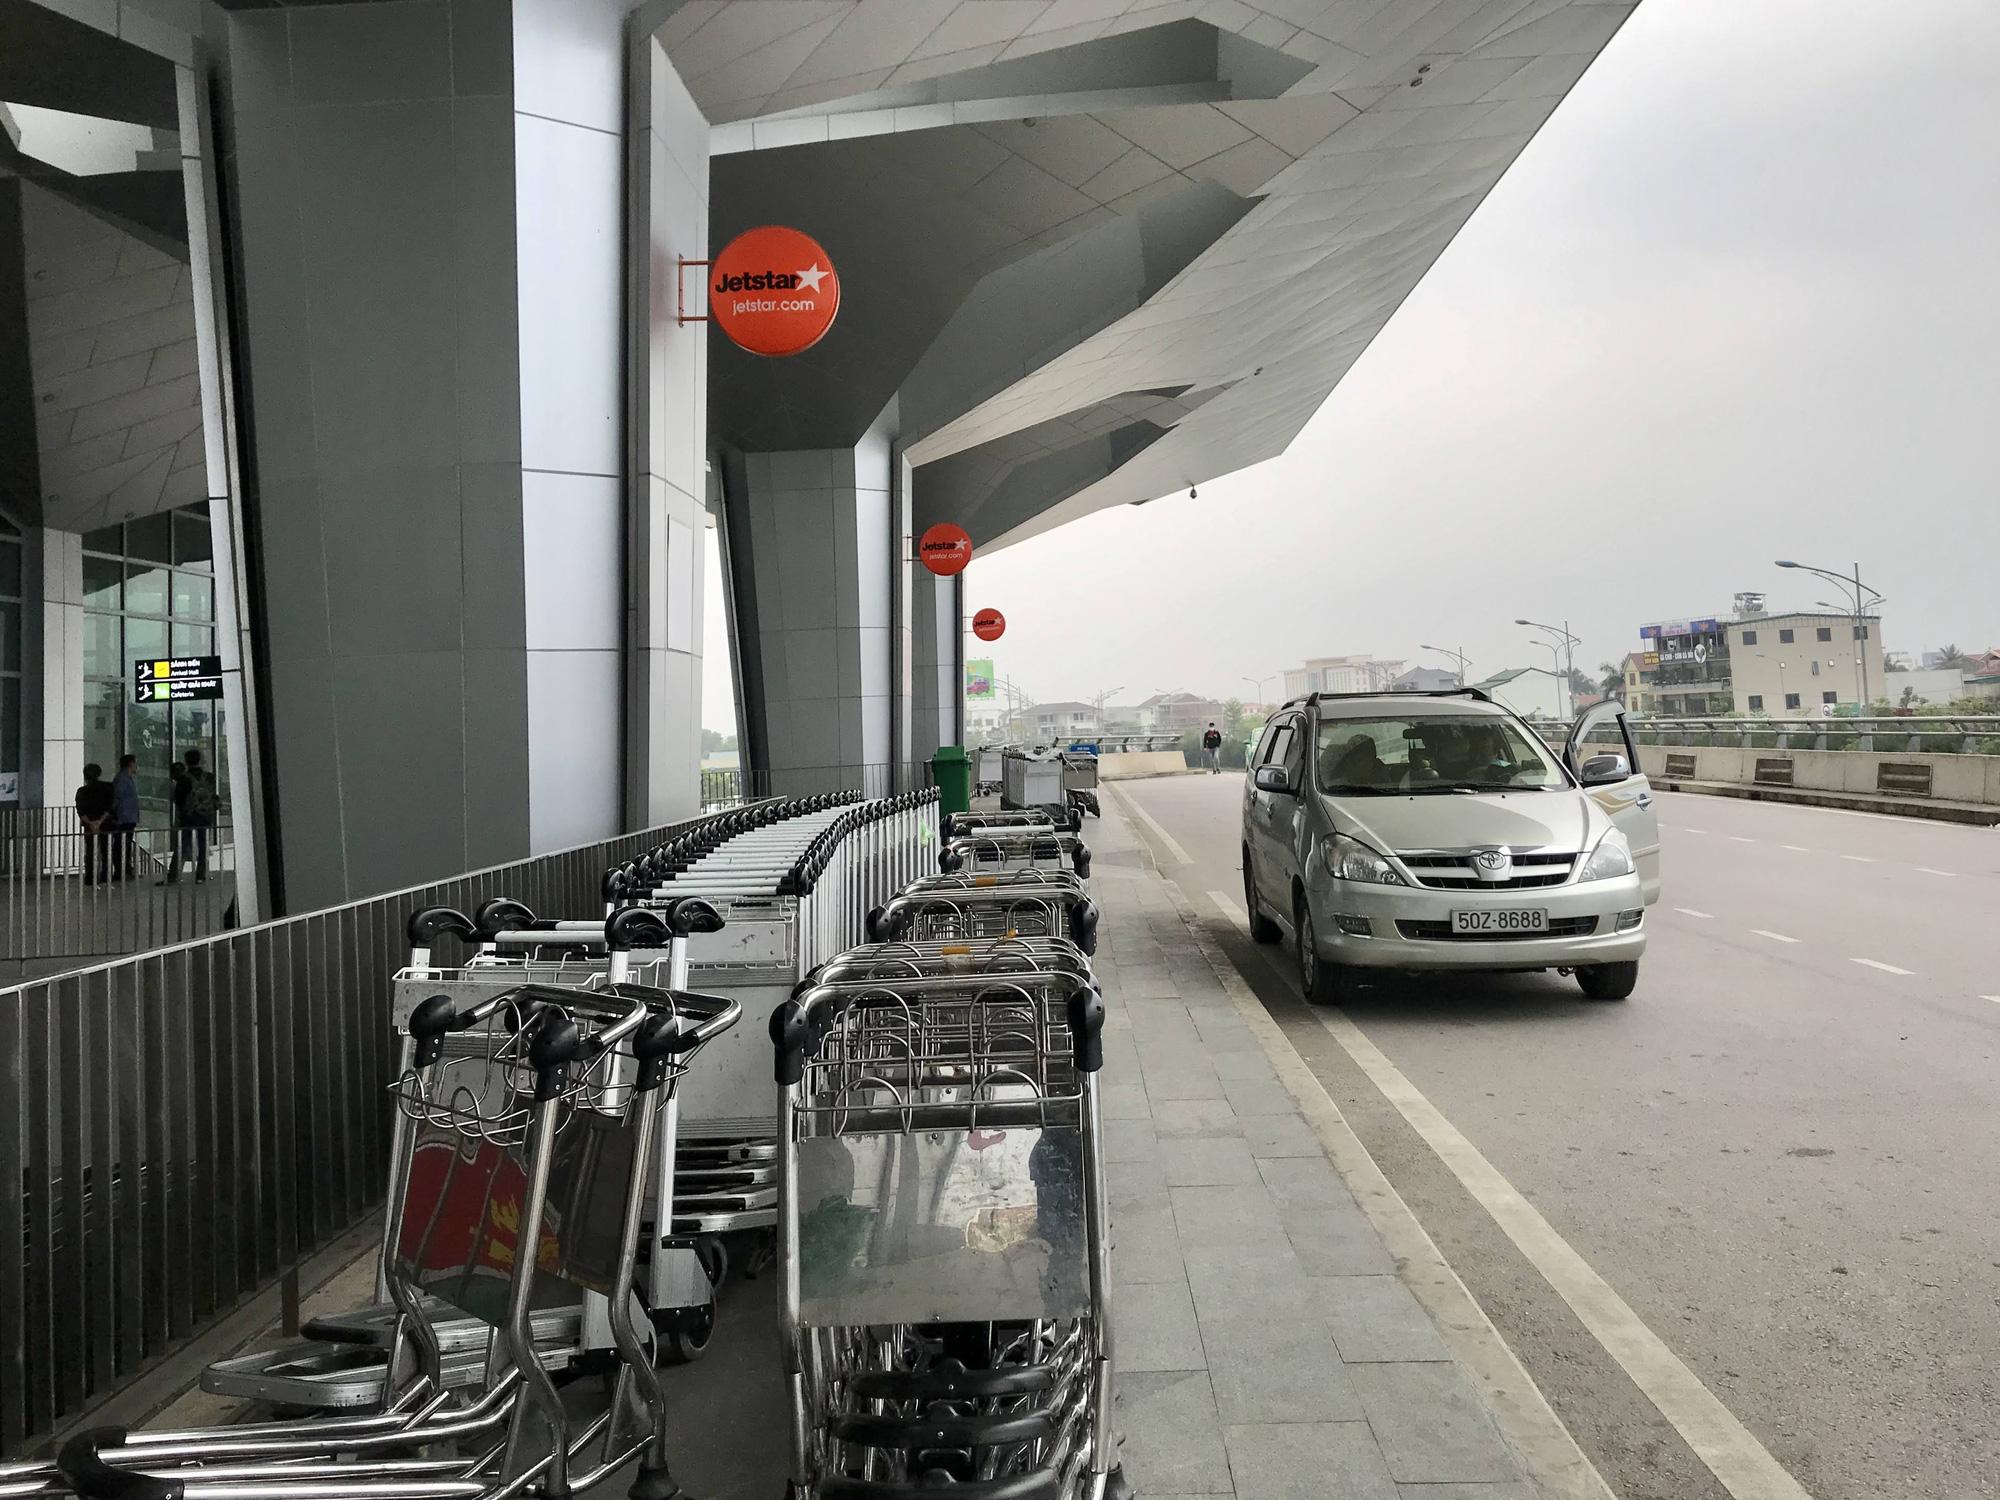 Nghệ An: Nhà xe bình thường chạy 8-10 chuyến một ngày, nay chỉ chạy 2 chuyến vẫn không kín khách - Ảnh 1.